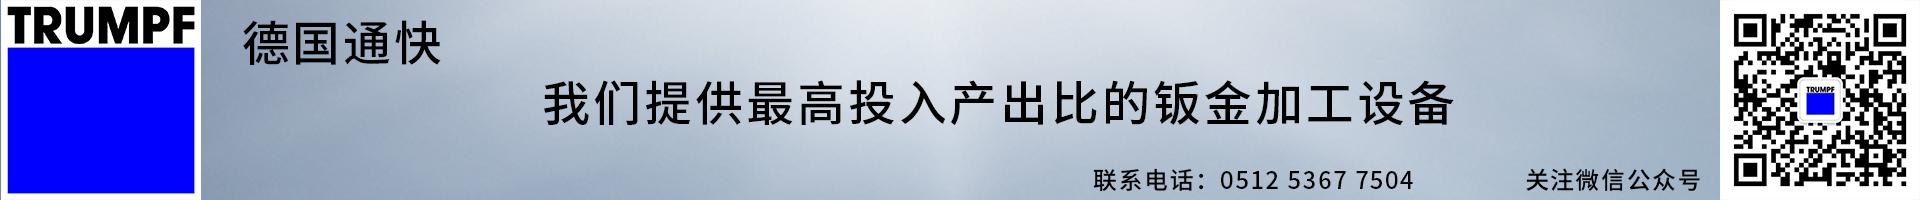 通快(中国)有限公司